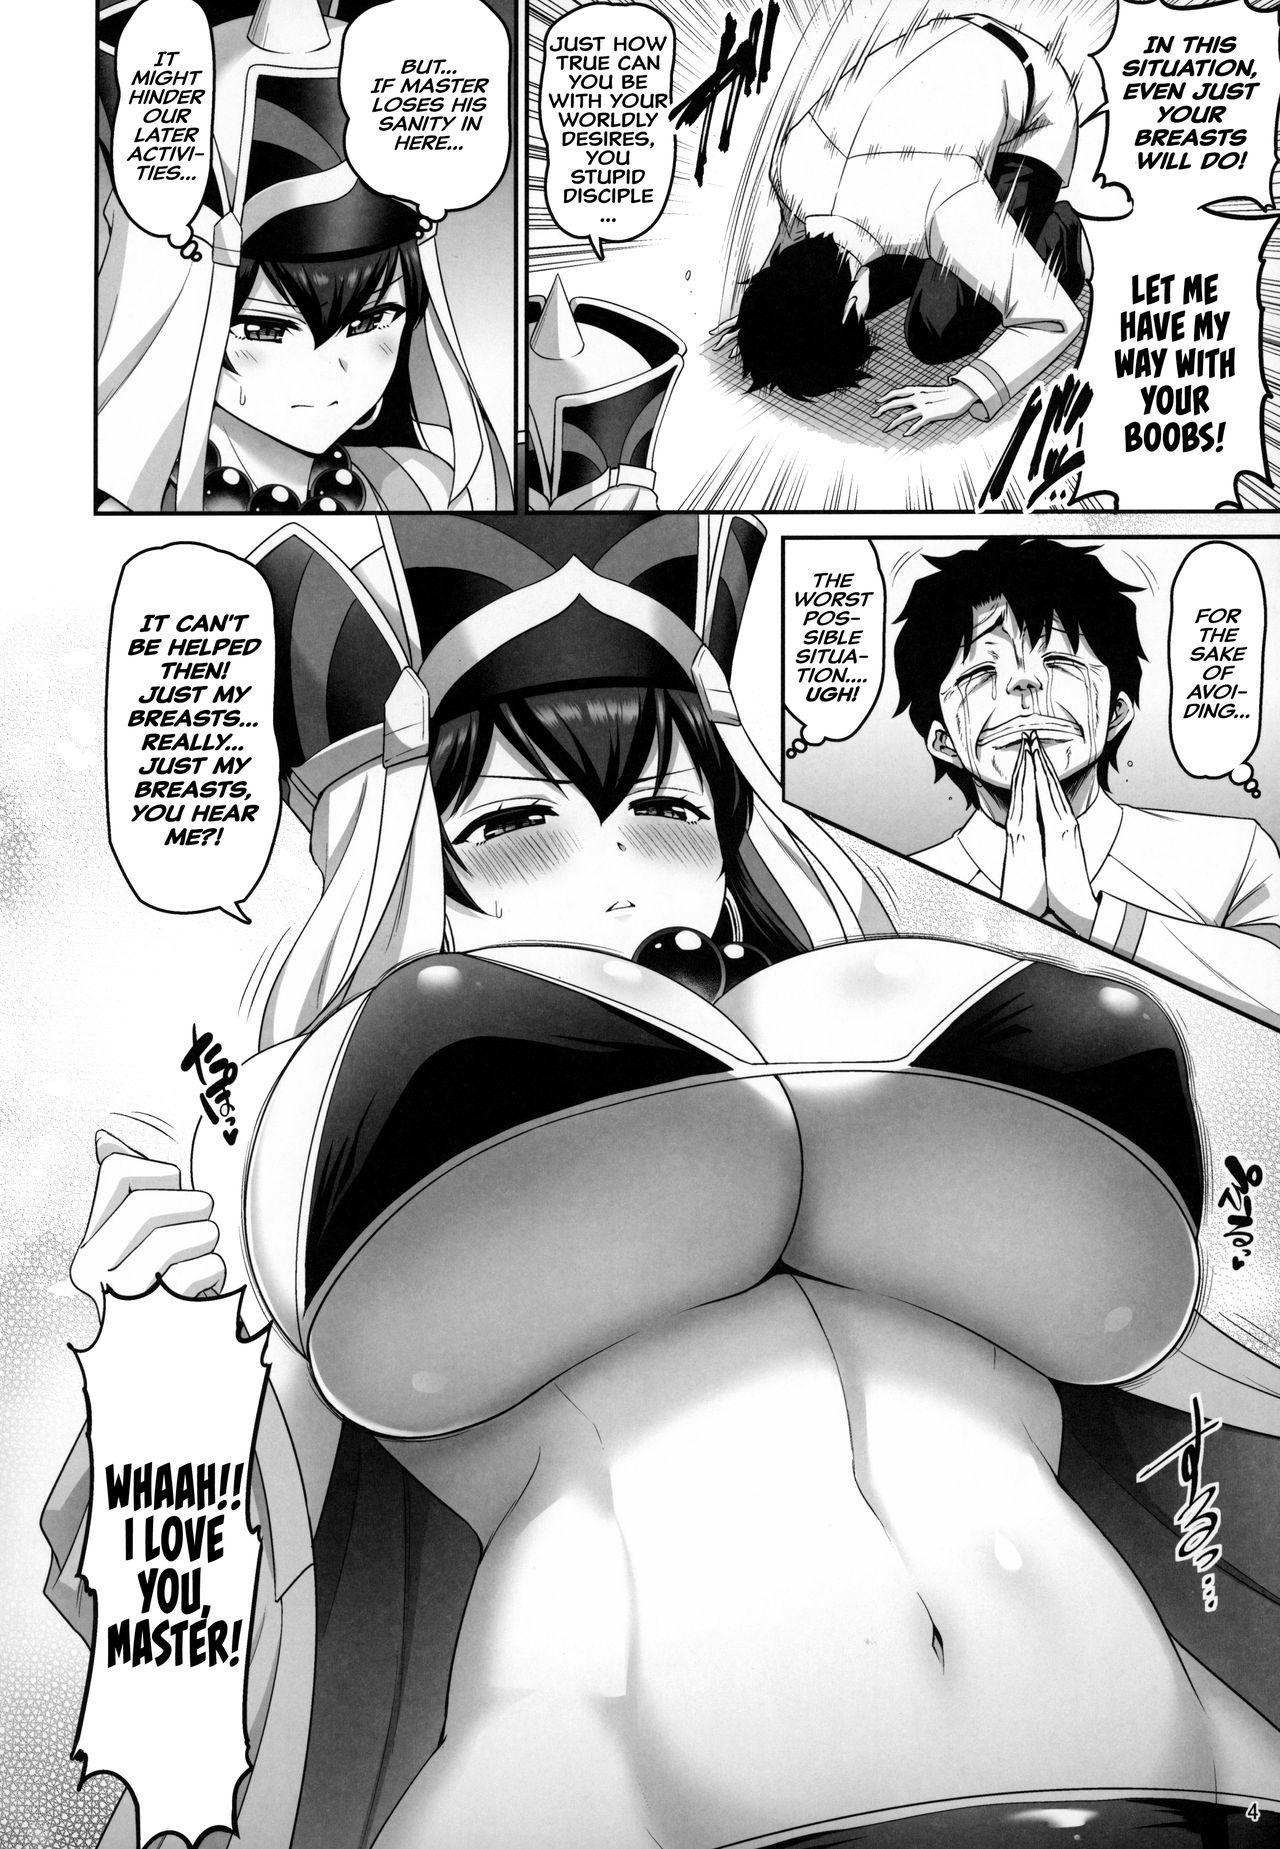 (C96) [Urasazan (Minamino Sazan)] Sanzou-chan no Chichi o Okashimakuru Hon | A Book Where Sanzou-chan's Tits Are Totally Violated (Fate/Grand Order) [English] [Hive-san] 2